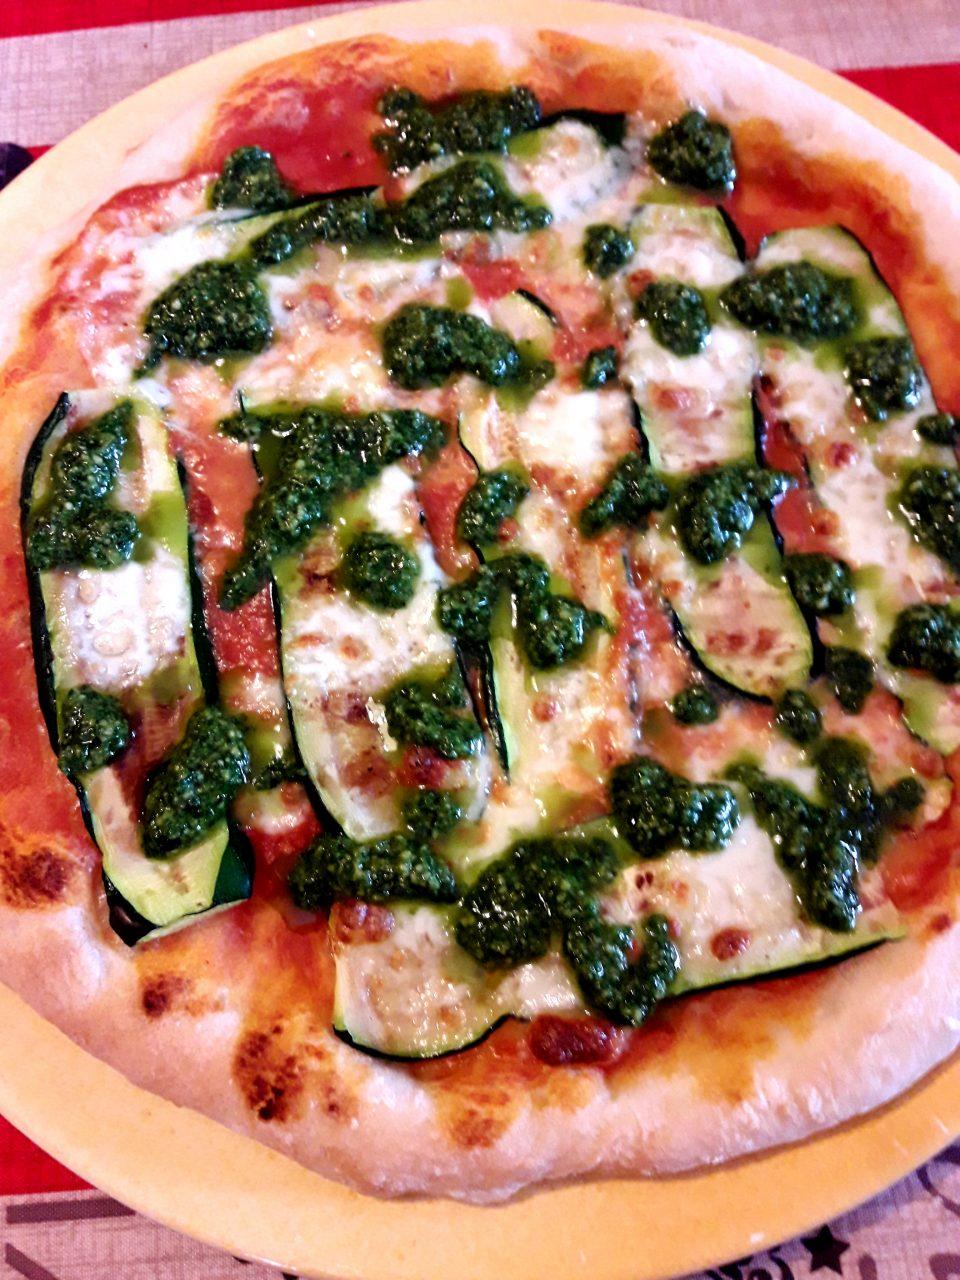 Pizza con zucchine grigliate e pesto